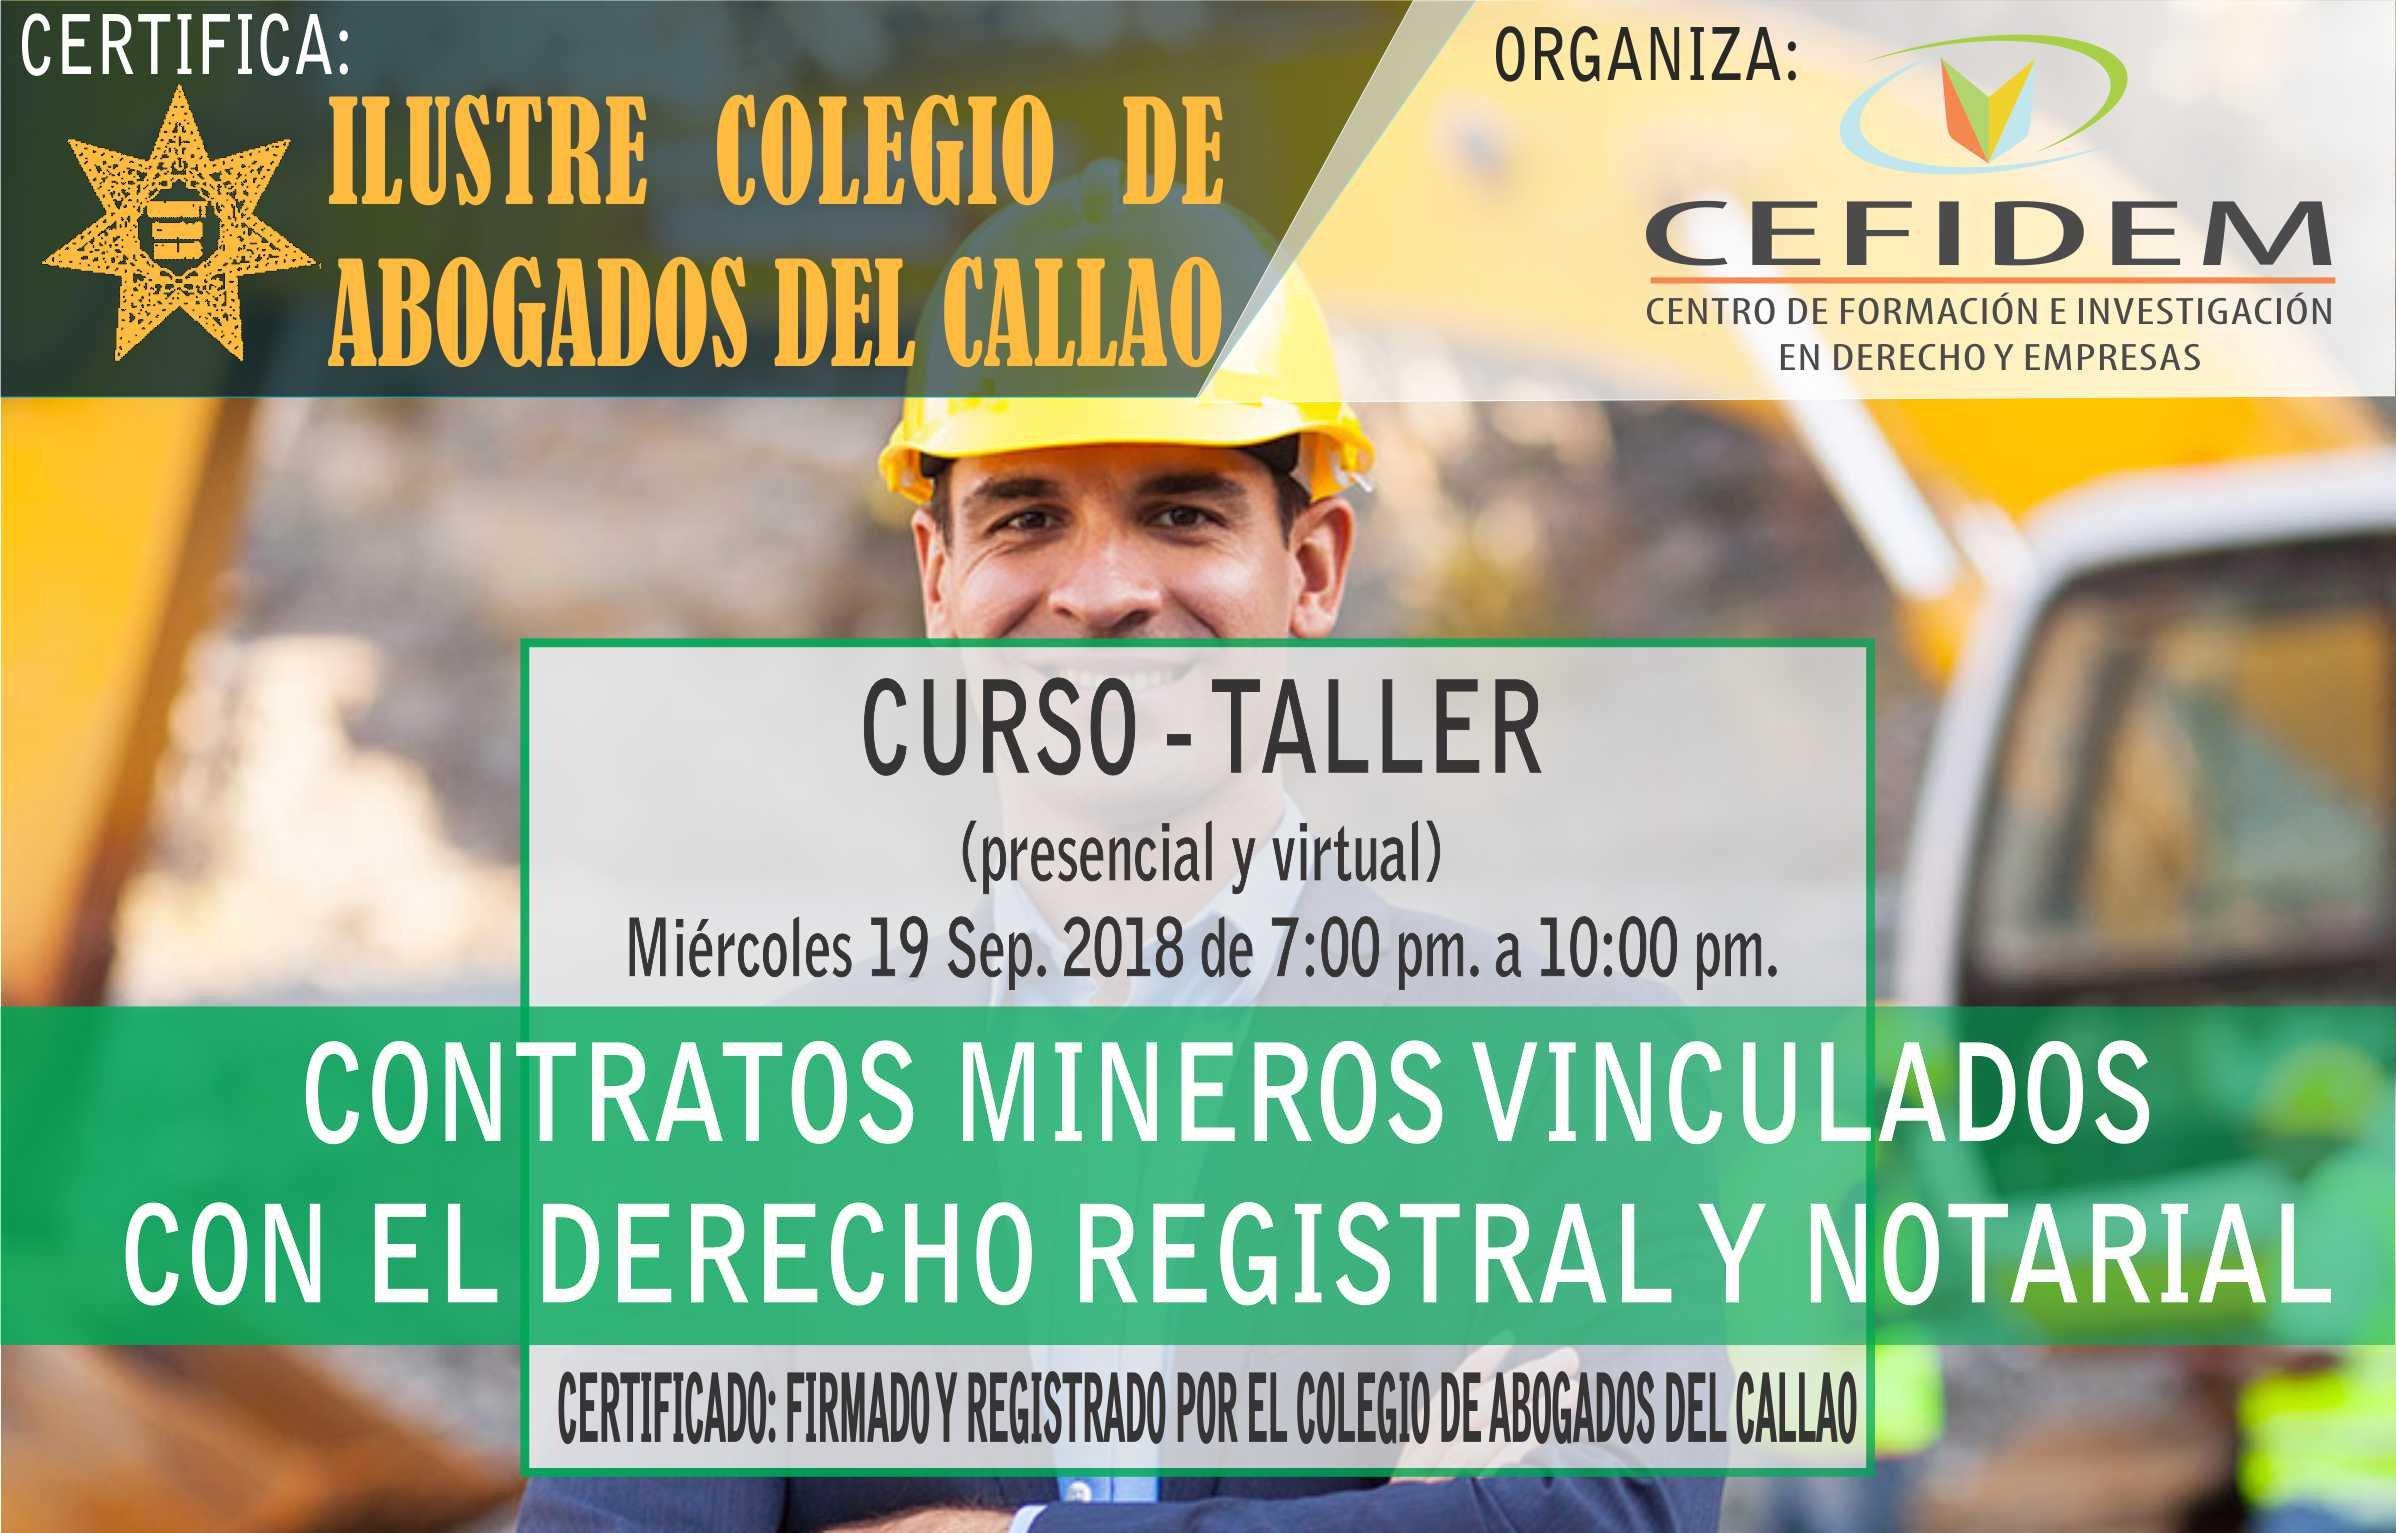 Curso-Taller: CONTRATOS MINEROS VINCULADOS CON EL DERECHO REGISTRAL Y NOTARIAL (19/09/18)